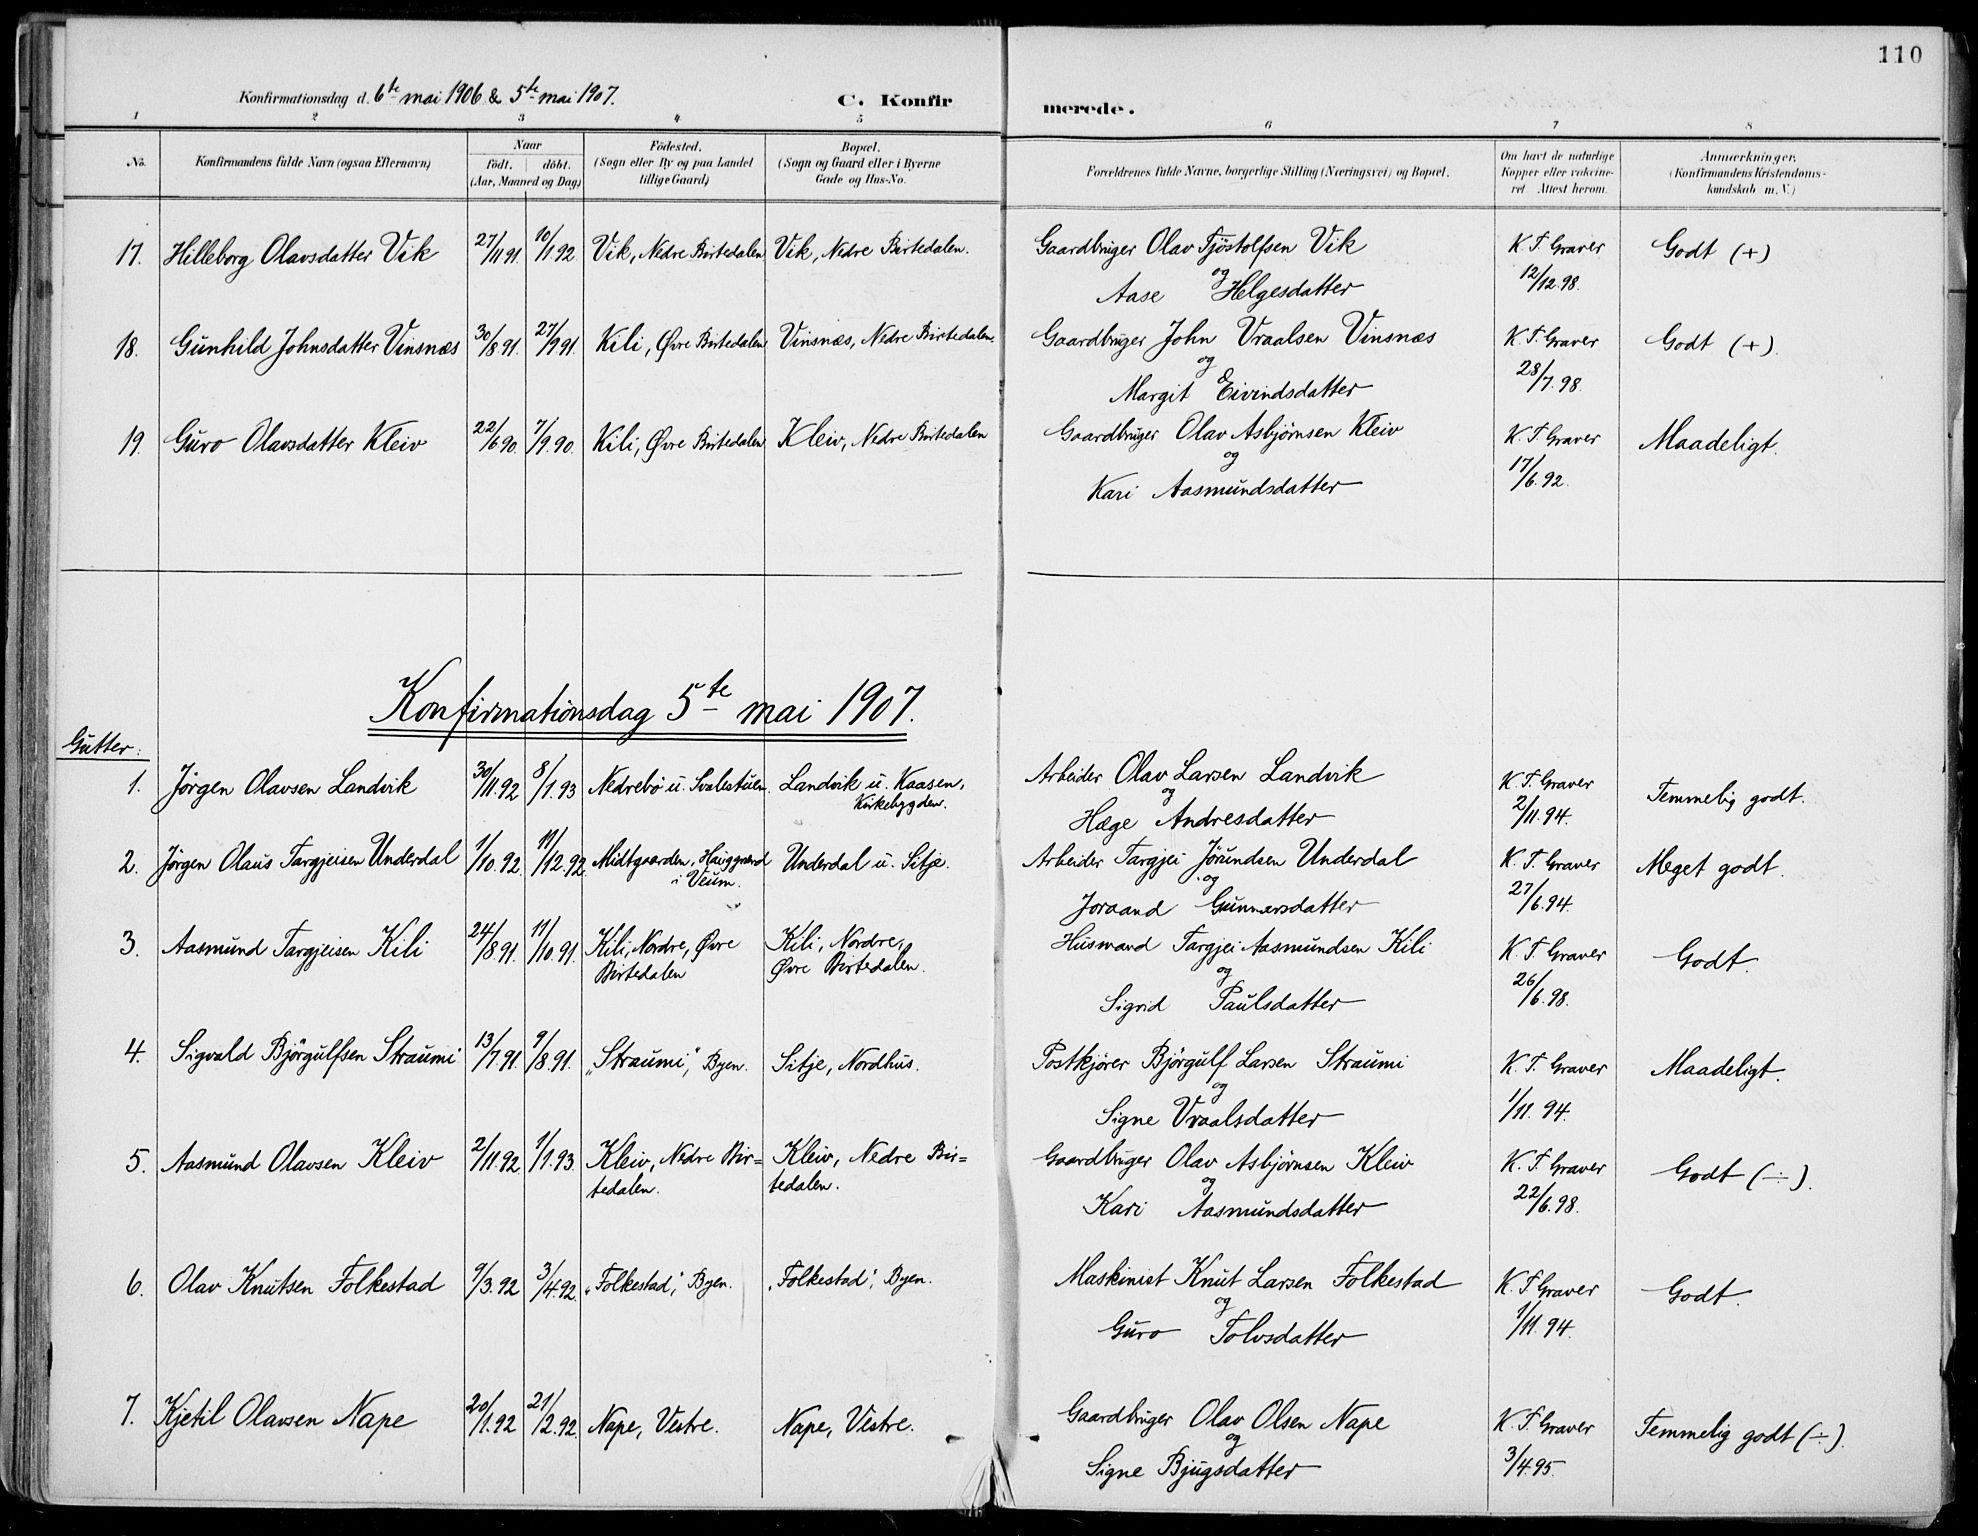 SAKO, Fyresdal kirkebøker, F/Fa/L0007: Ministerialbok nr. I 7, 1887-1914, s. 110